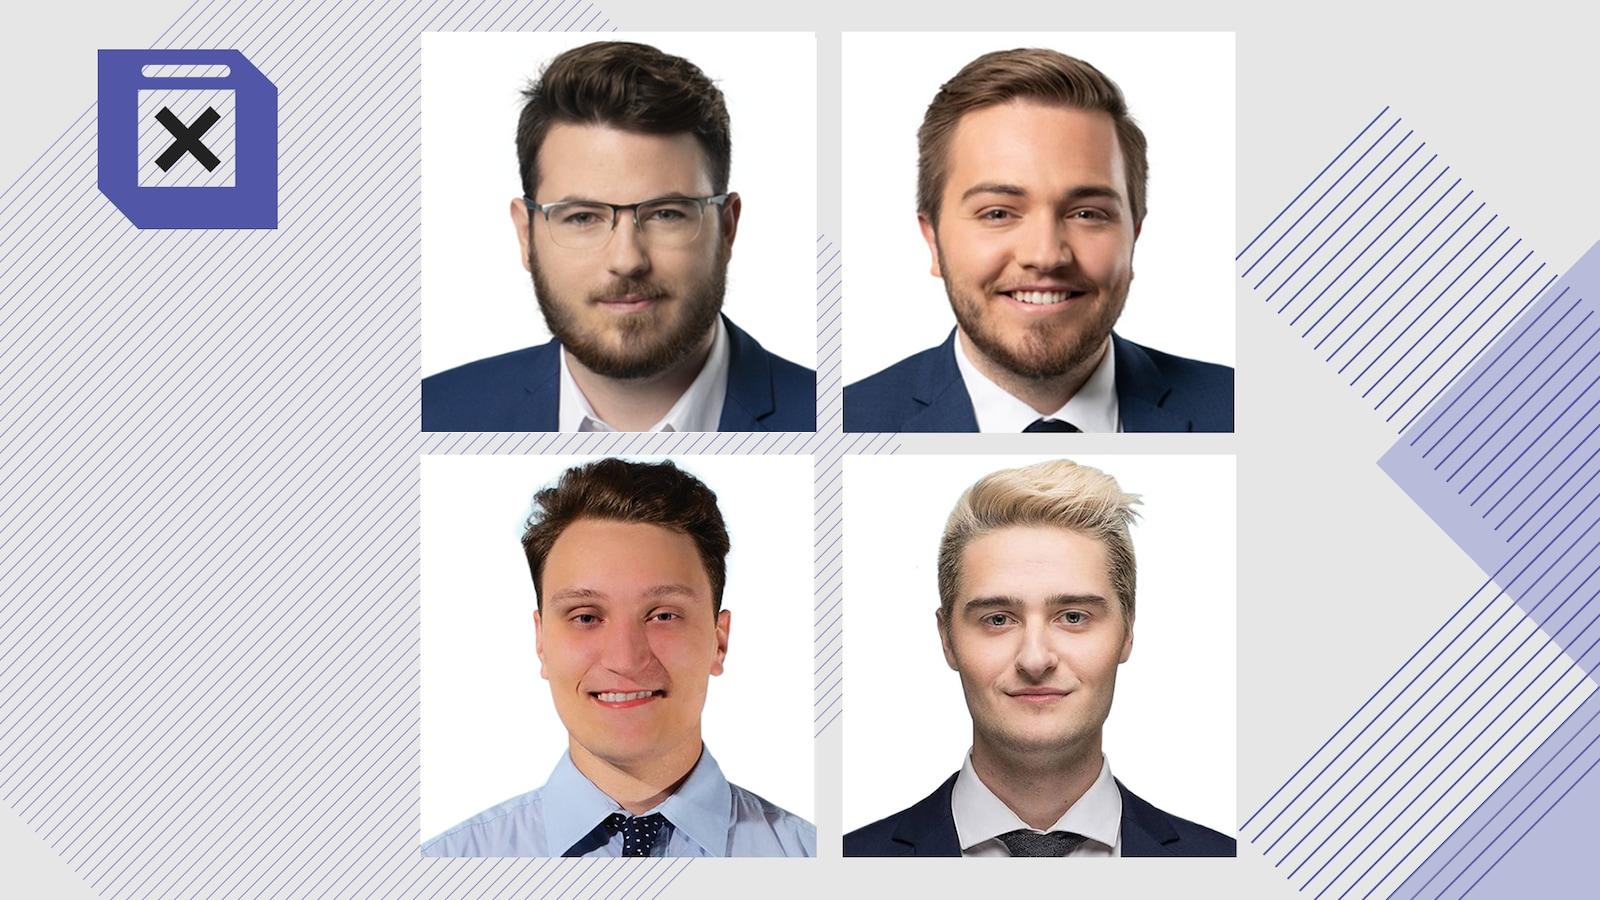 Les quatre candidats de moins de 25 ans au Saguenay-Lac-Saint-Jean.